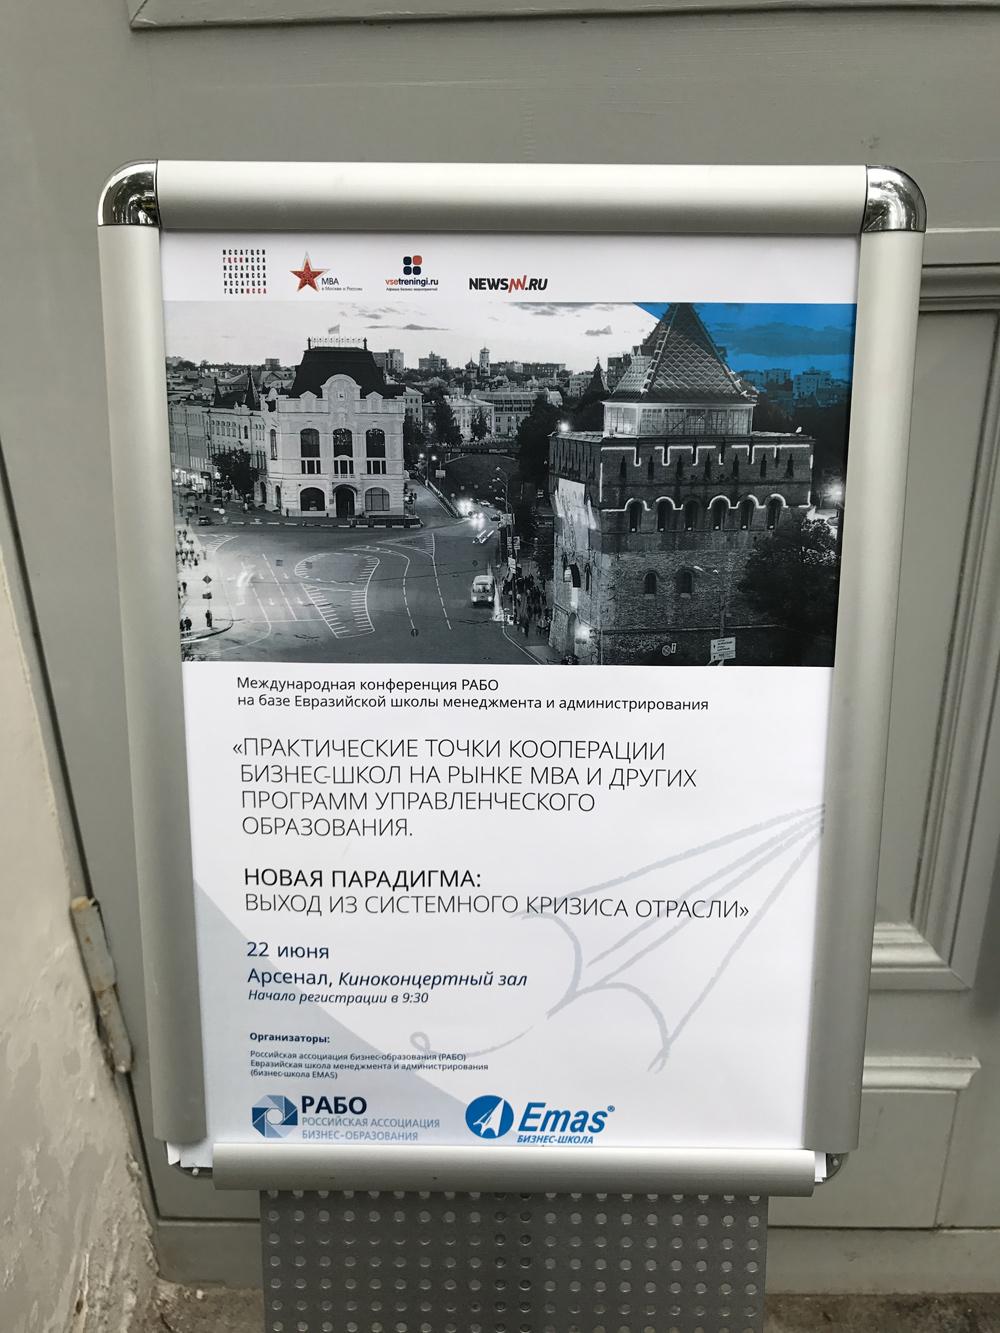 Международная конференция РАБО на базе бизнес-школы EMAS фото 1